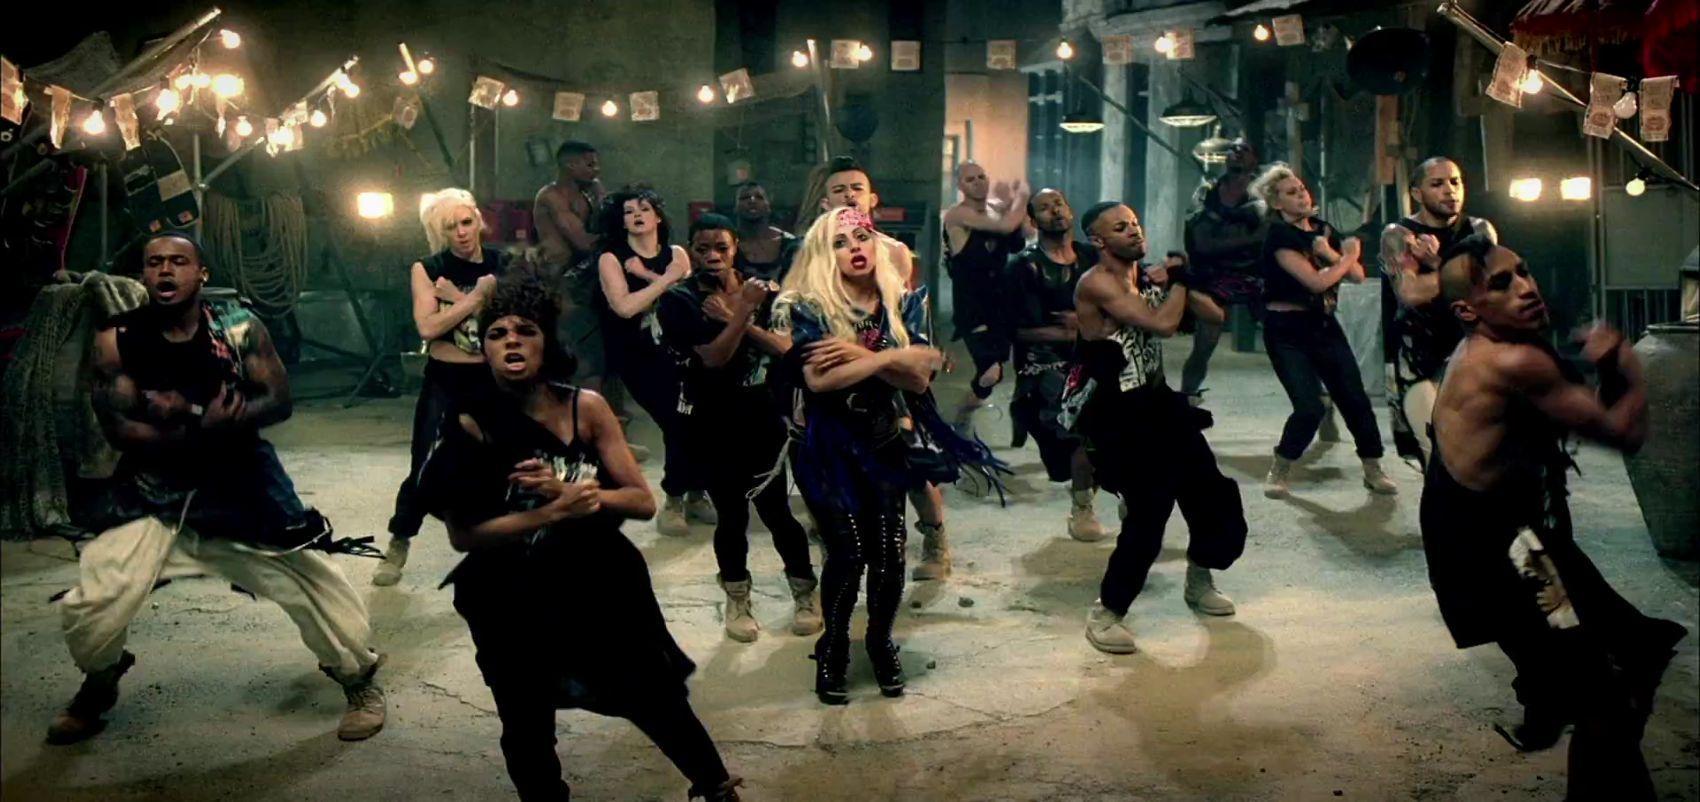 Lady Gaga - Judas - Музыка Video